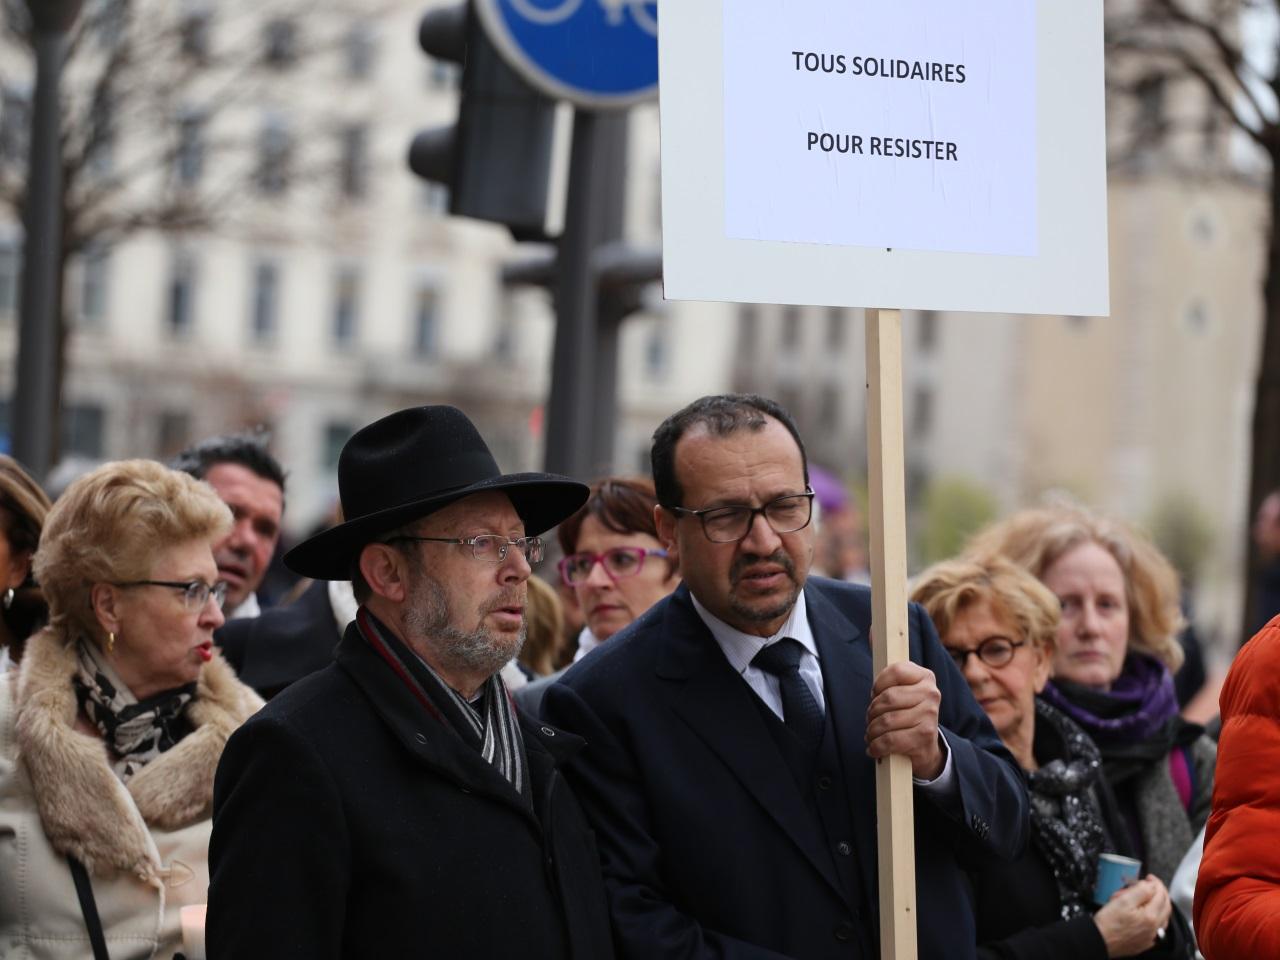 Les représentants juifs, Richard Wertenschlag, et musulmans, Benaïssa Chana, présents en tête de cortège - LyonMag